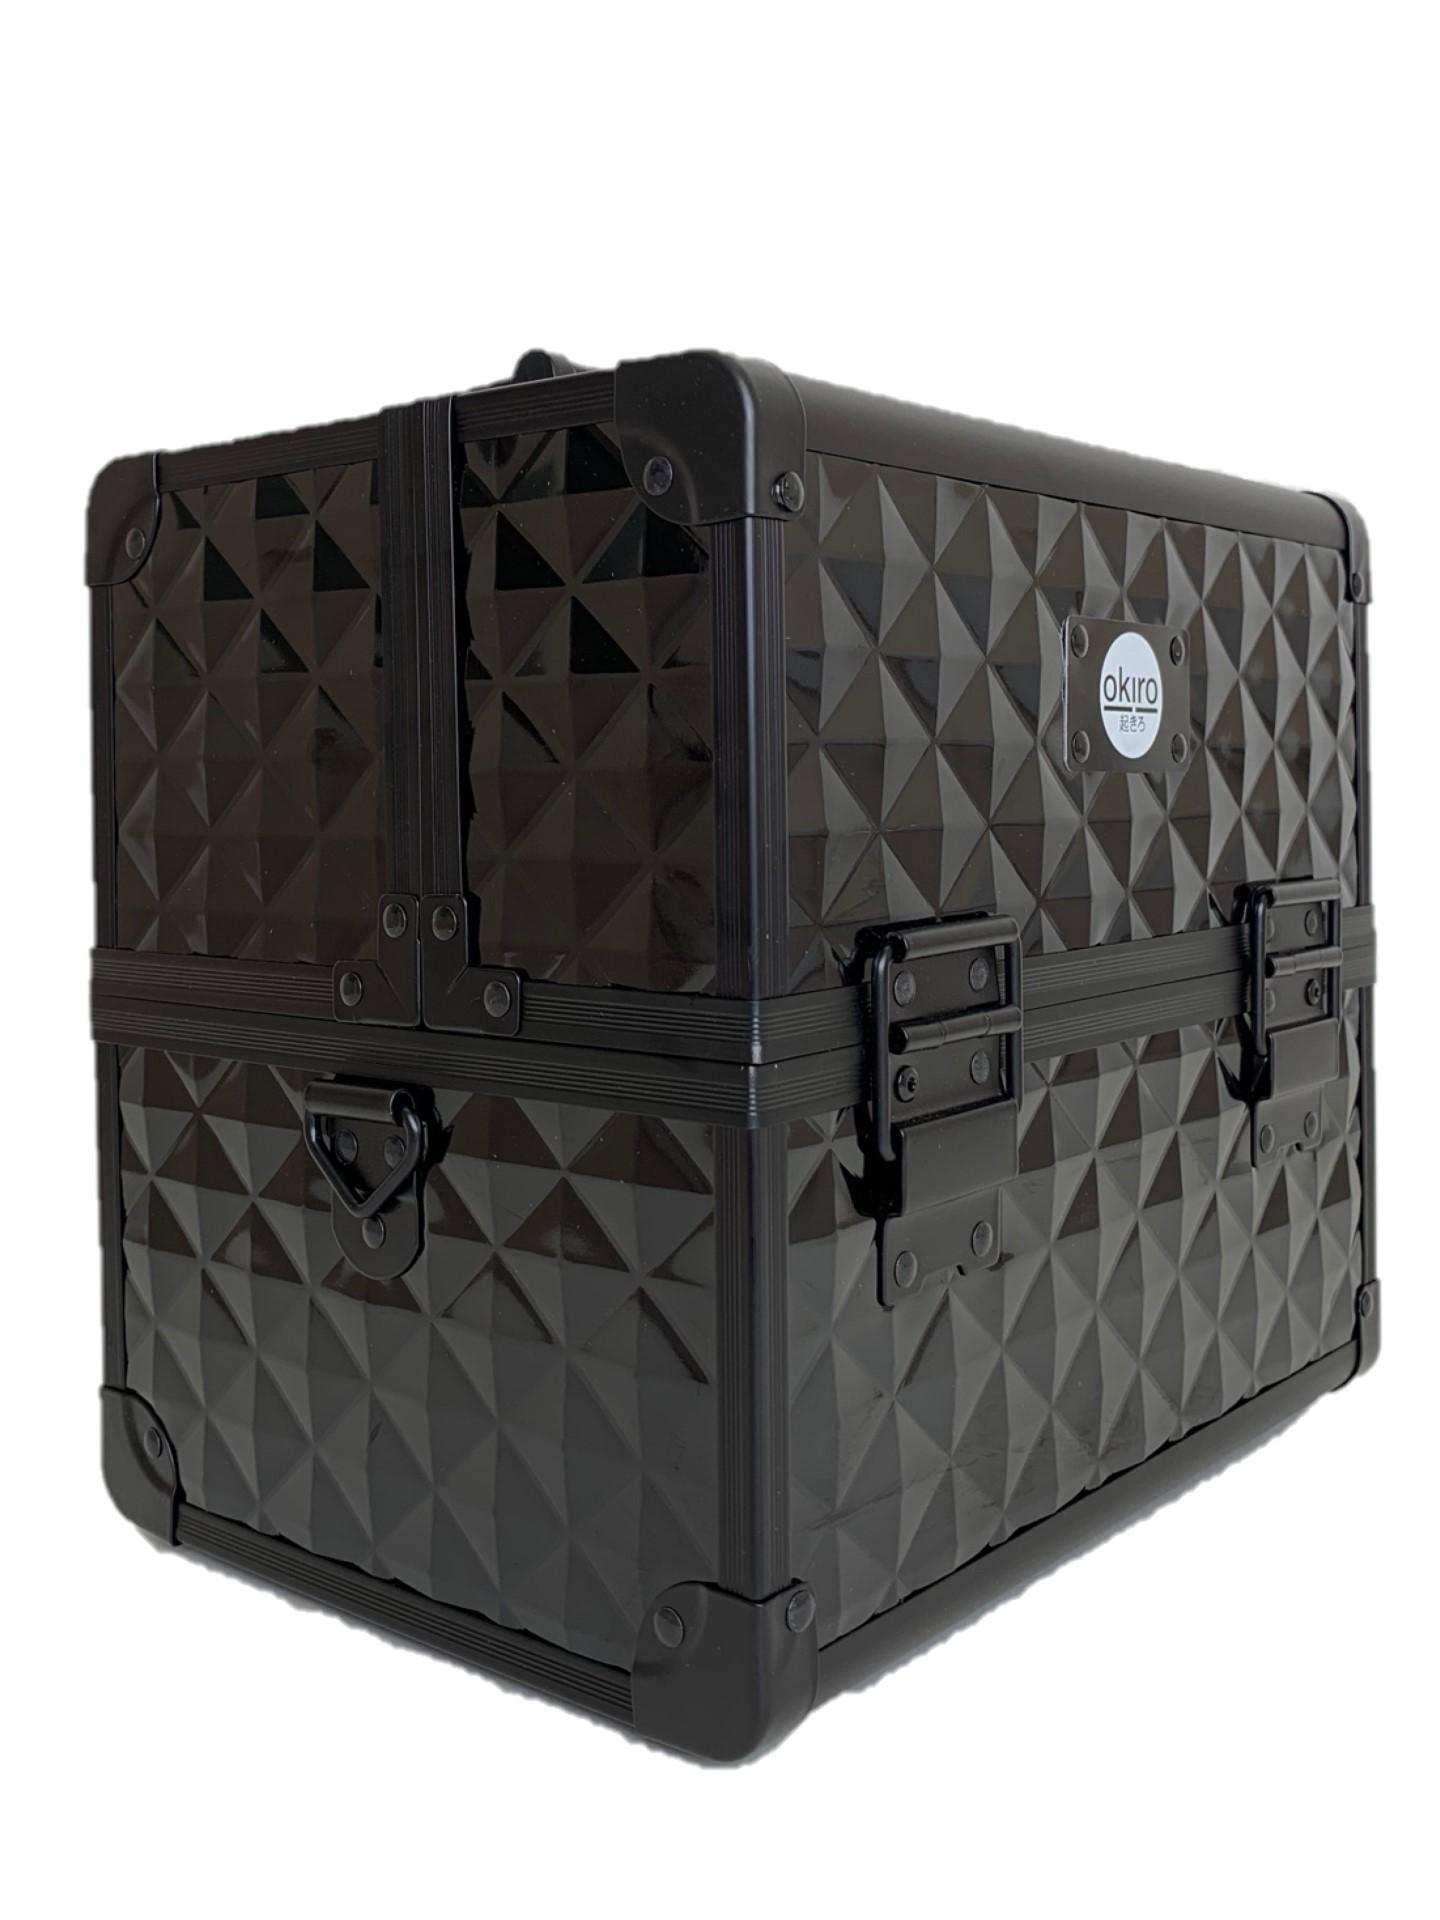 Бьюти кейс для визажиста OKIRO CWB 5350 черный бриллиант - изображение